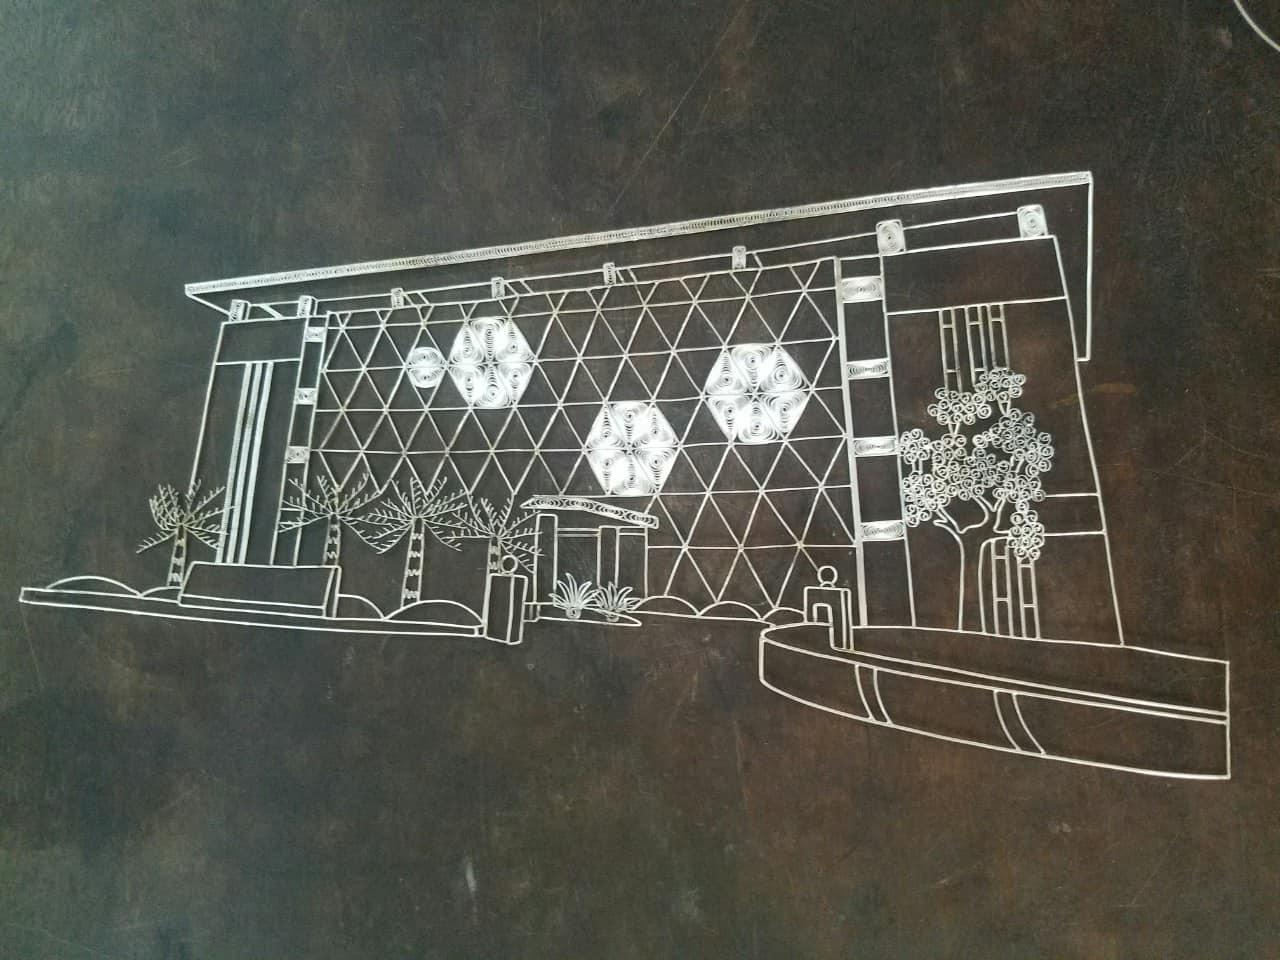 Các chi tiết tranh đều được chế tác thủ công từ sợi bạc bởi nghệ nhân kim hoàn Karalux